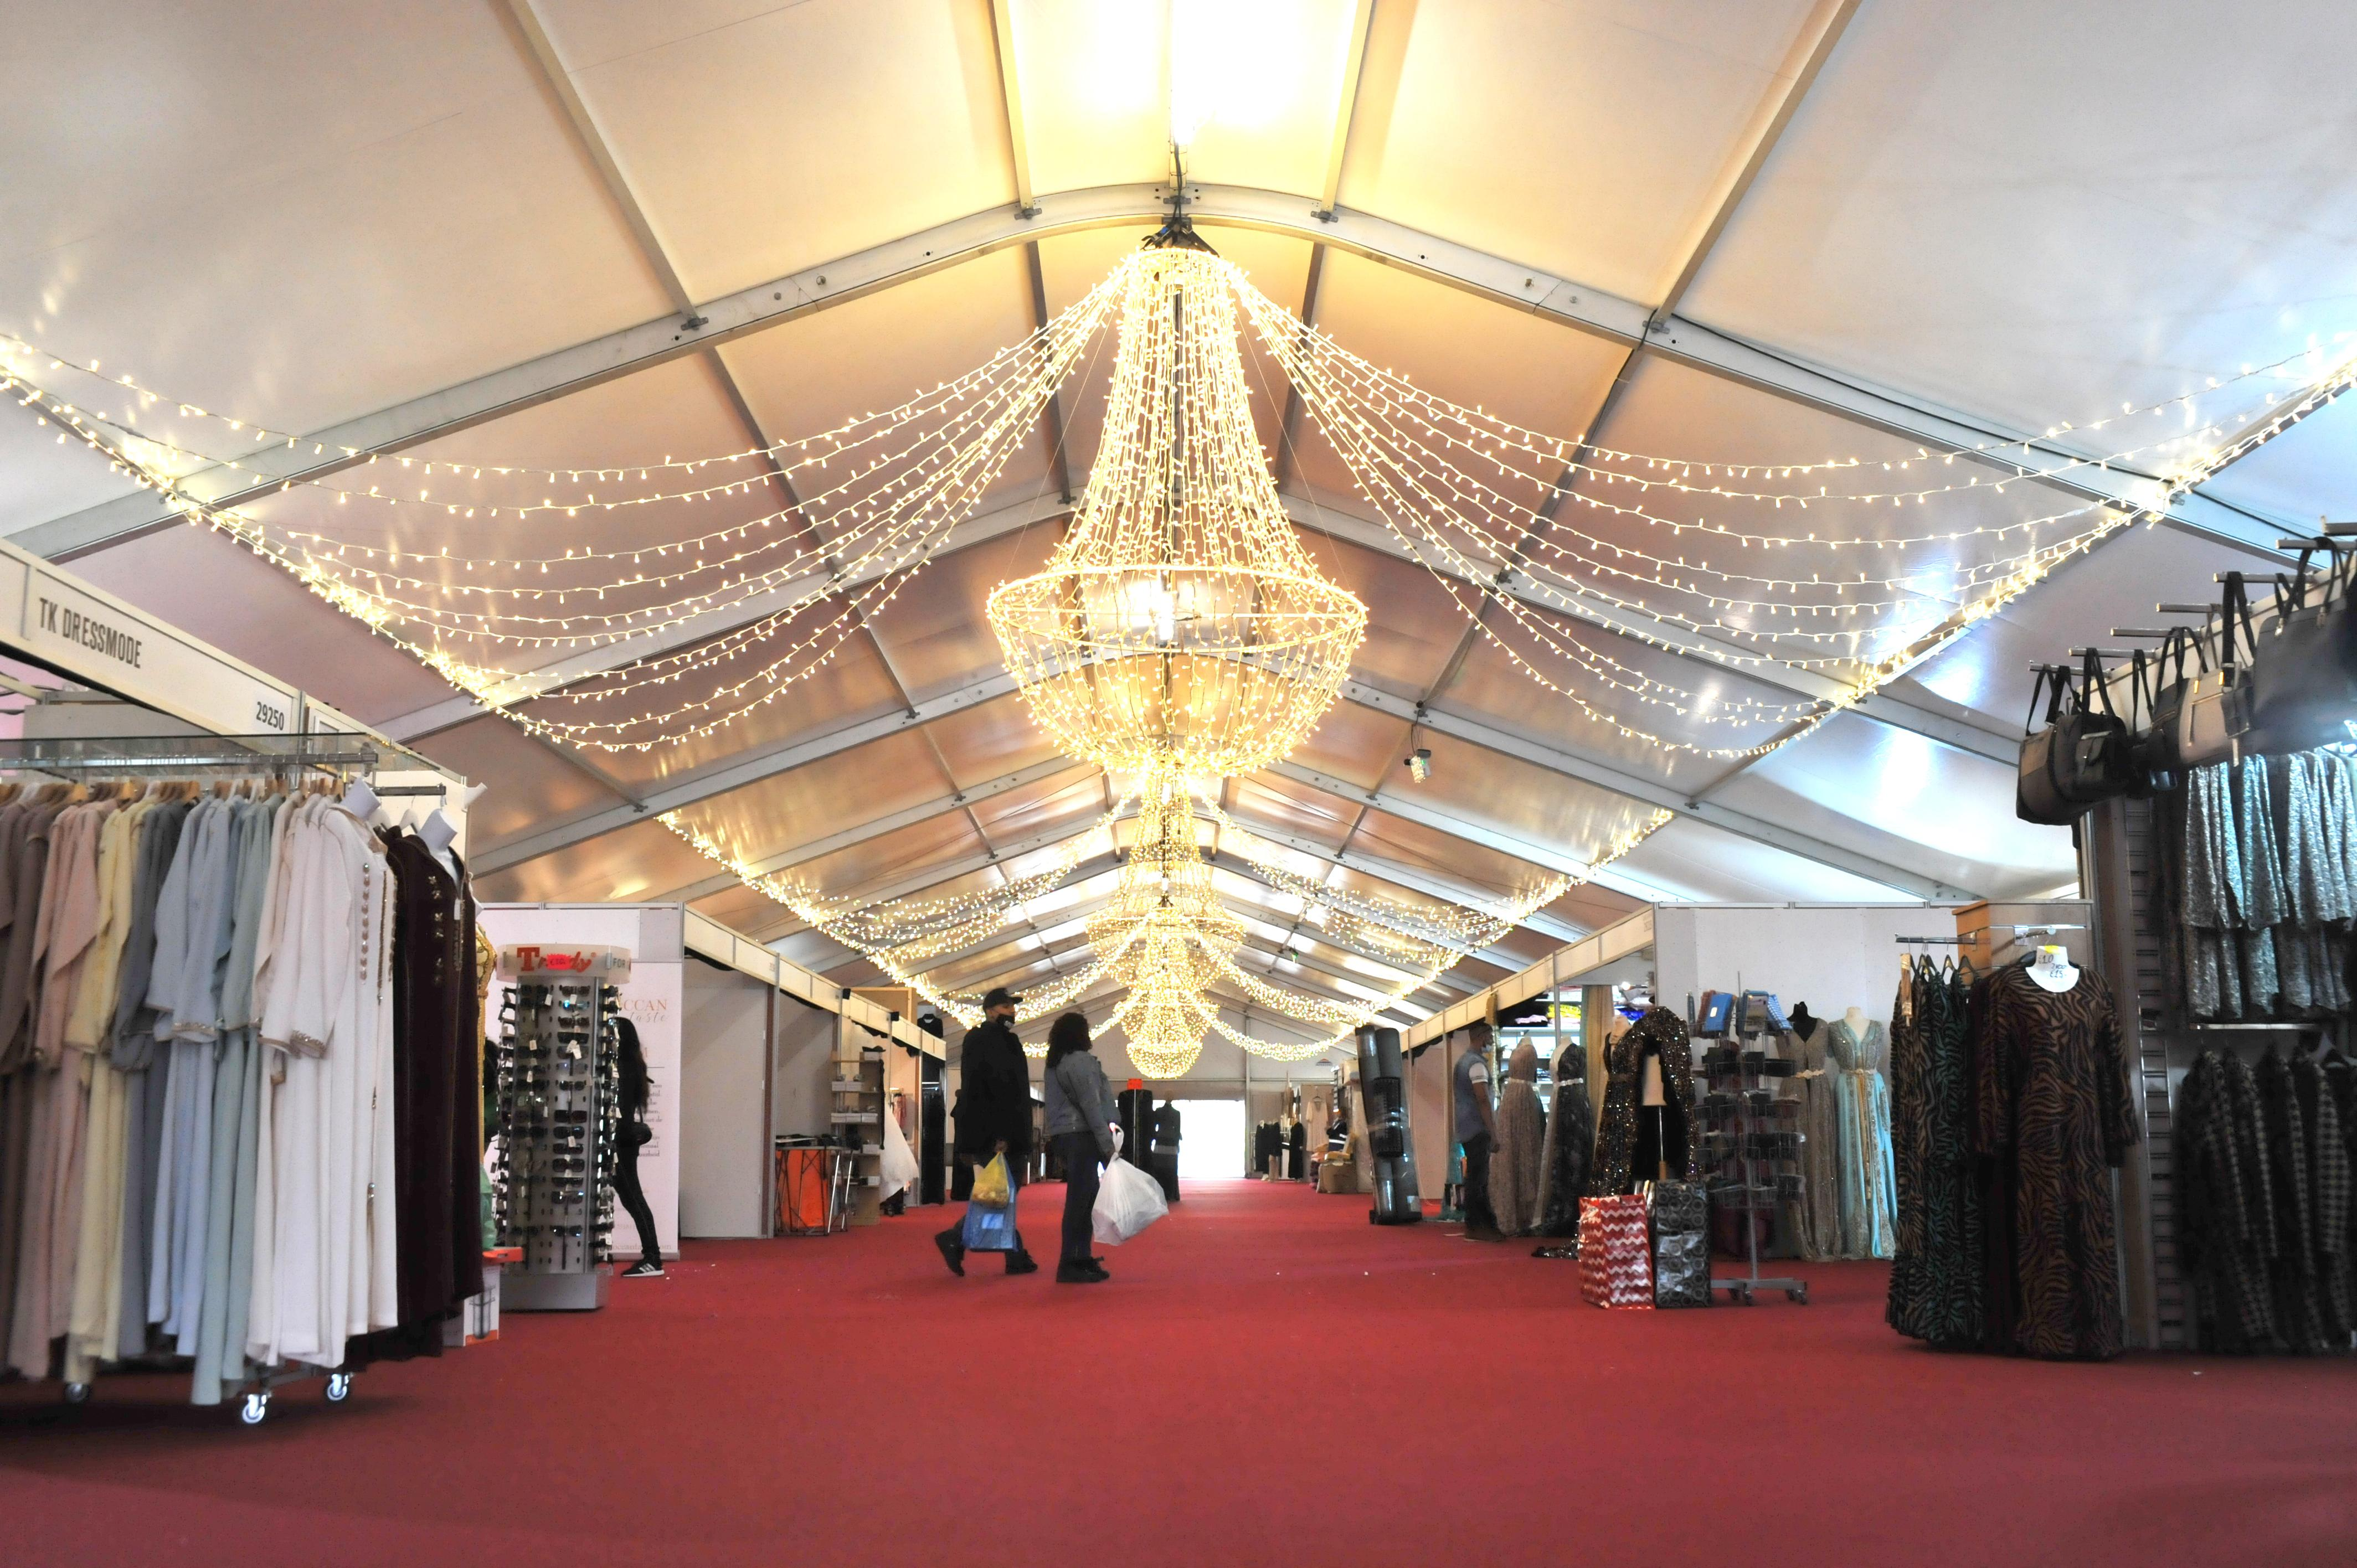 Nieuwe hal van de Beverwijkse Bazaar vind ik heel mooi en ruim, maar de bezoekers moeten het nog vinden